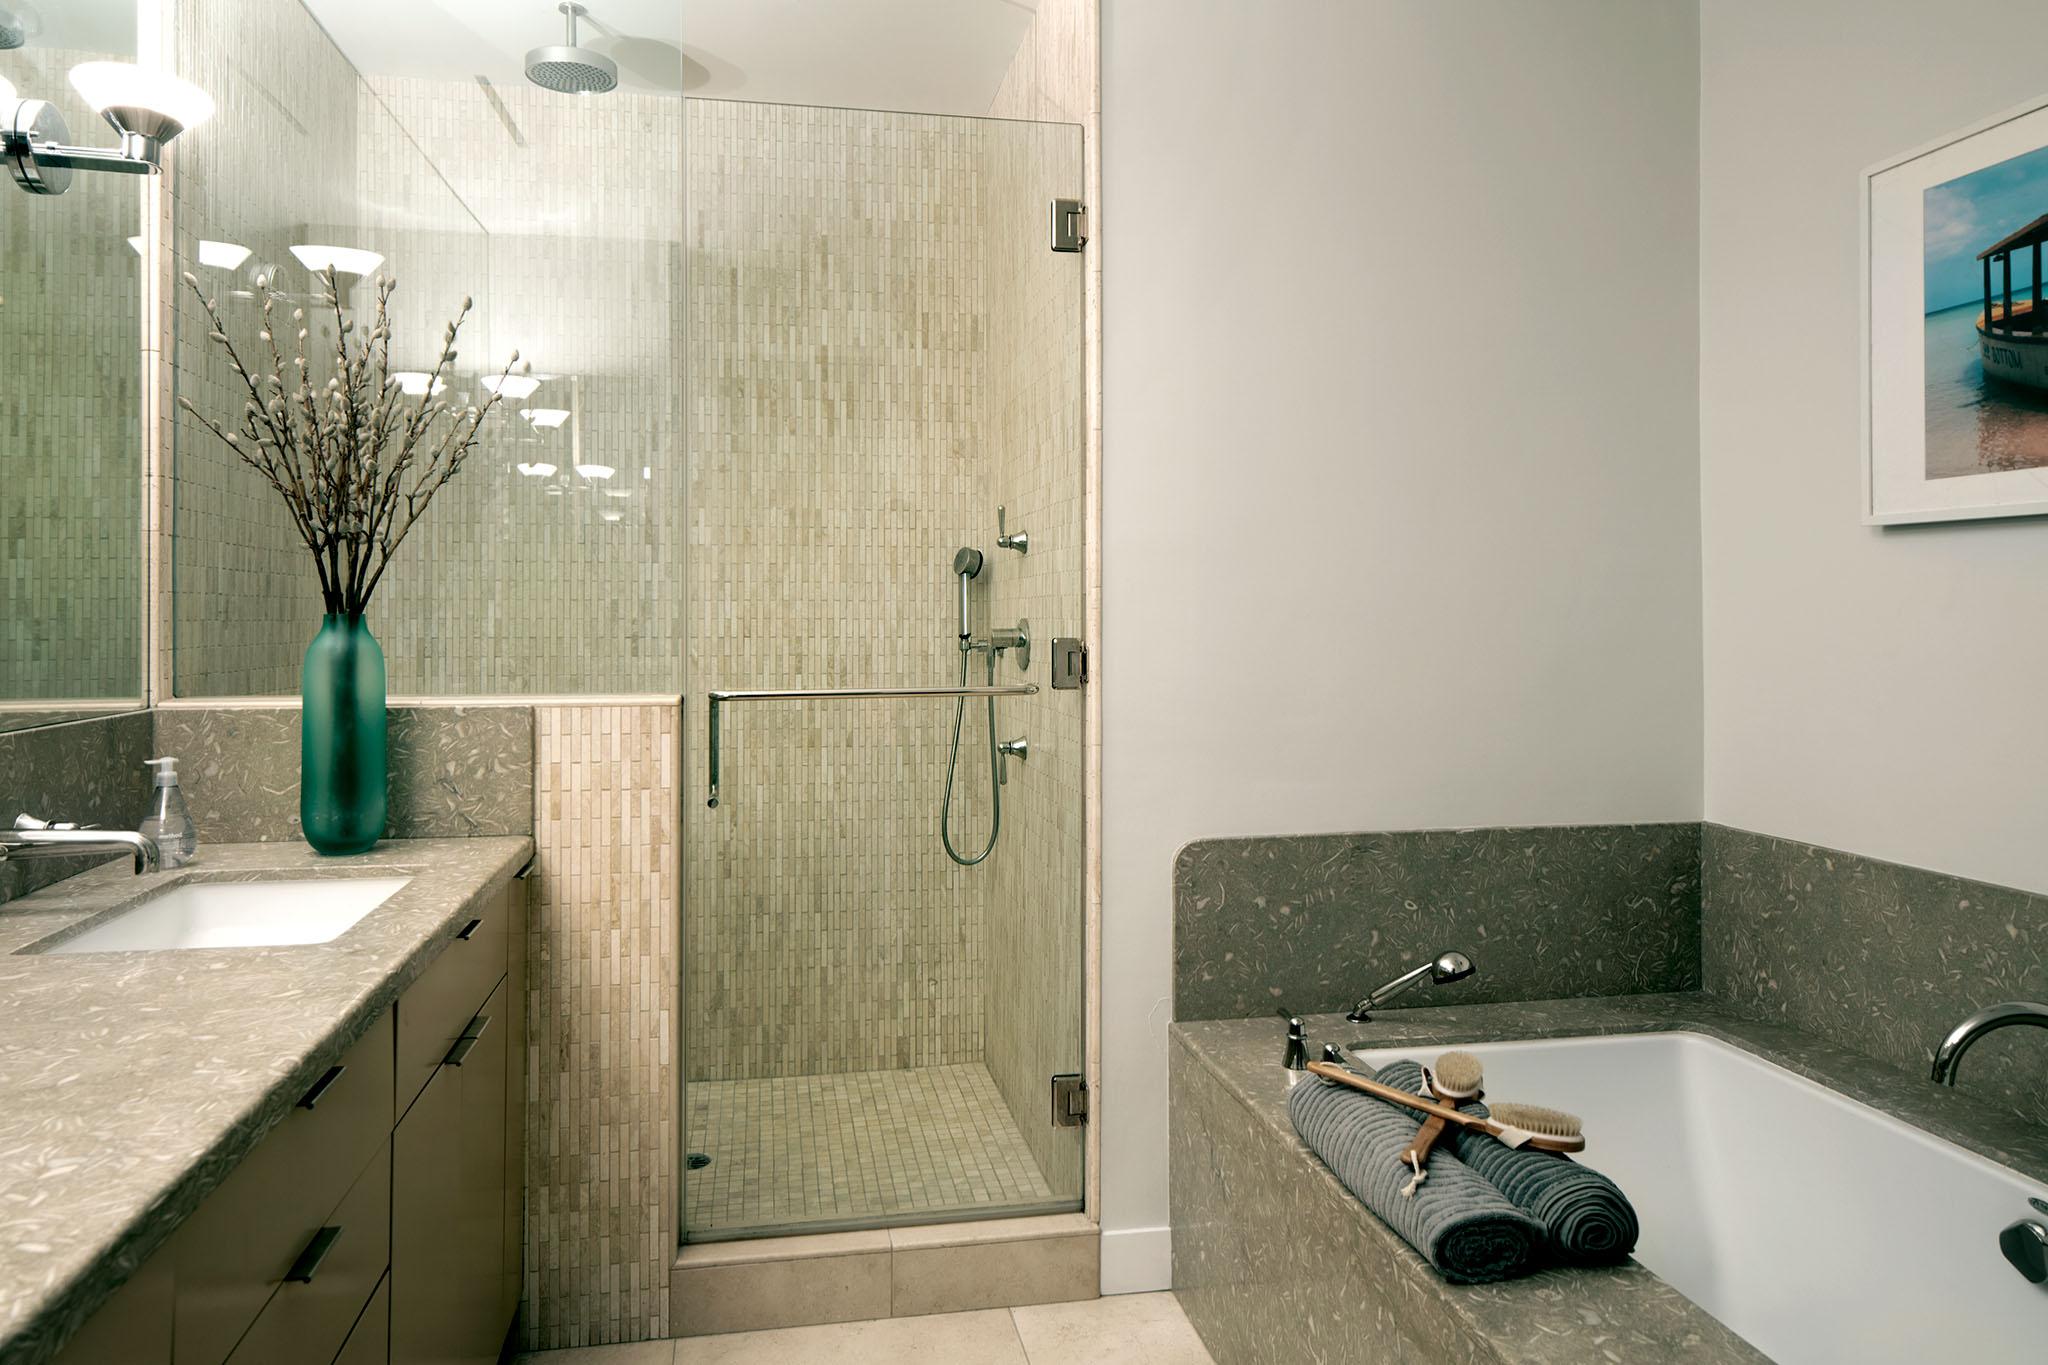 sierratowers1404-bath.jpg